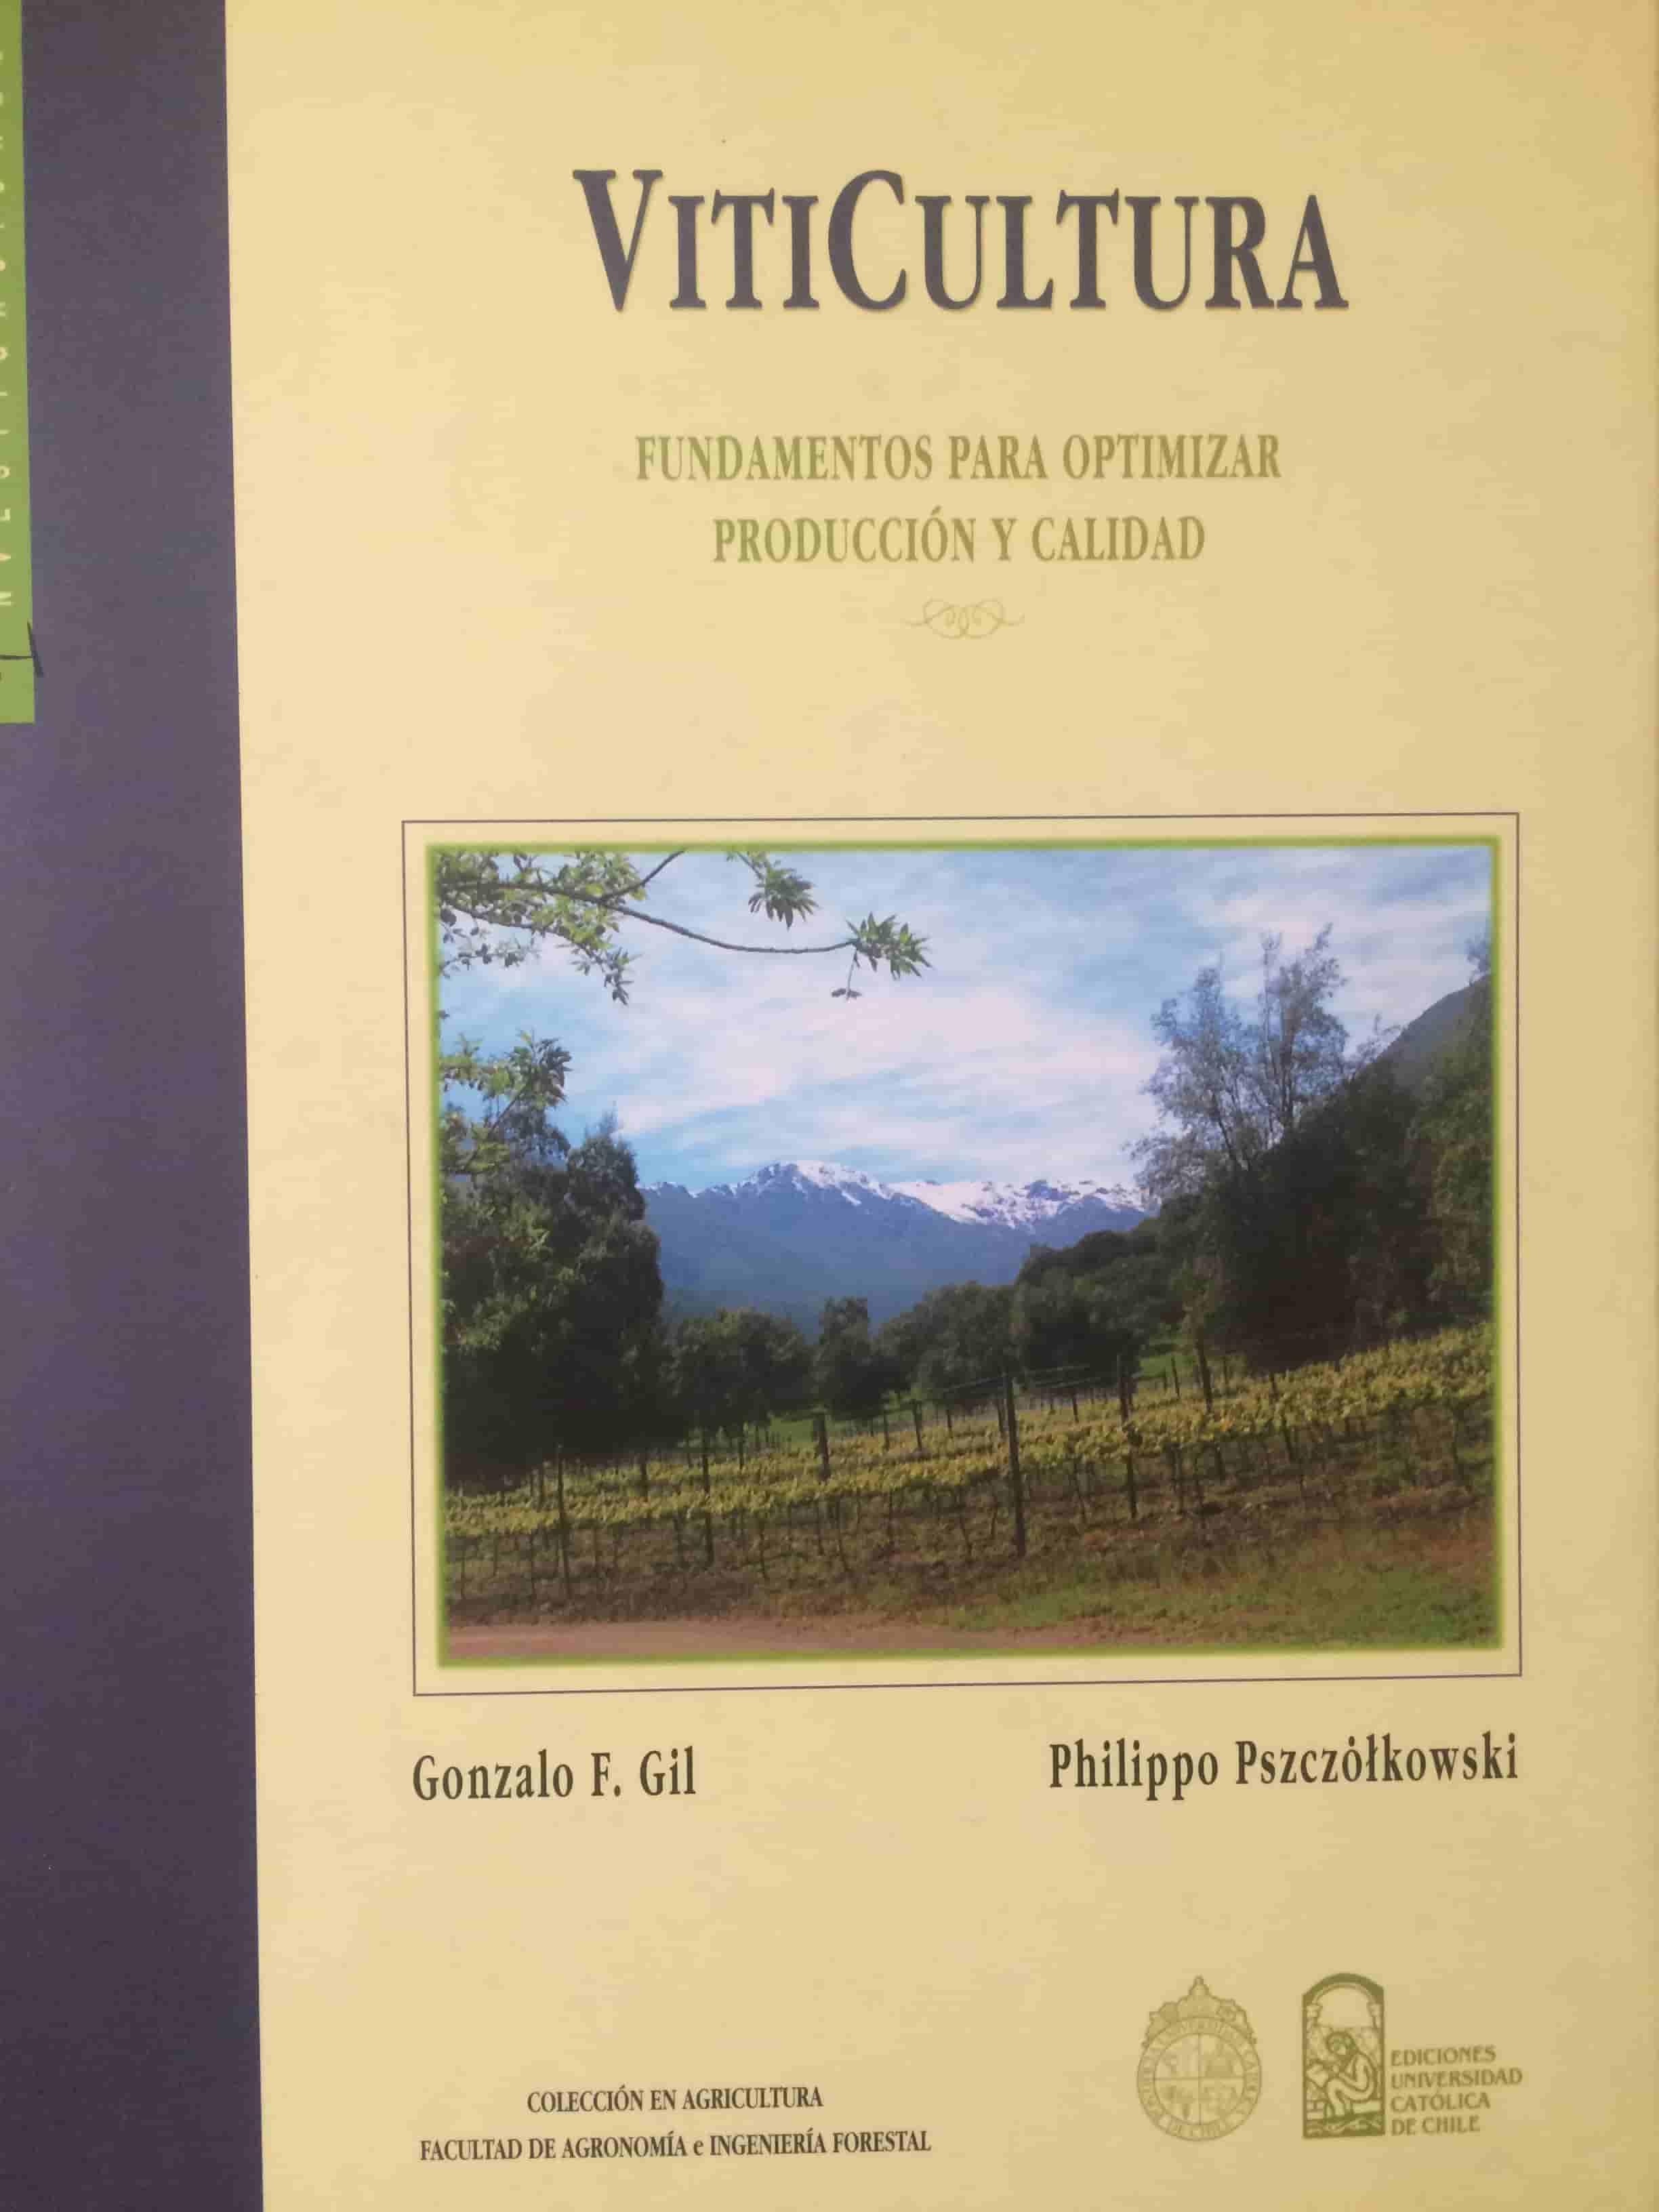 Libro VitiCultura Philippo